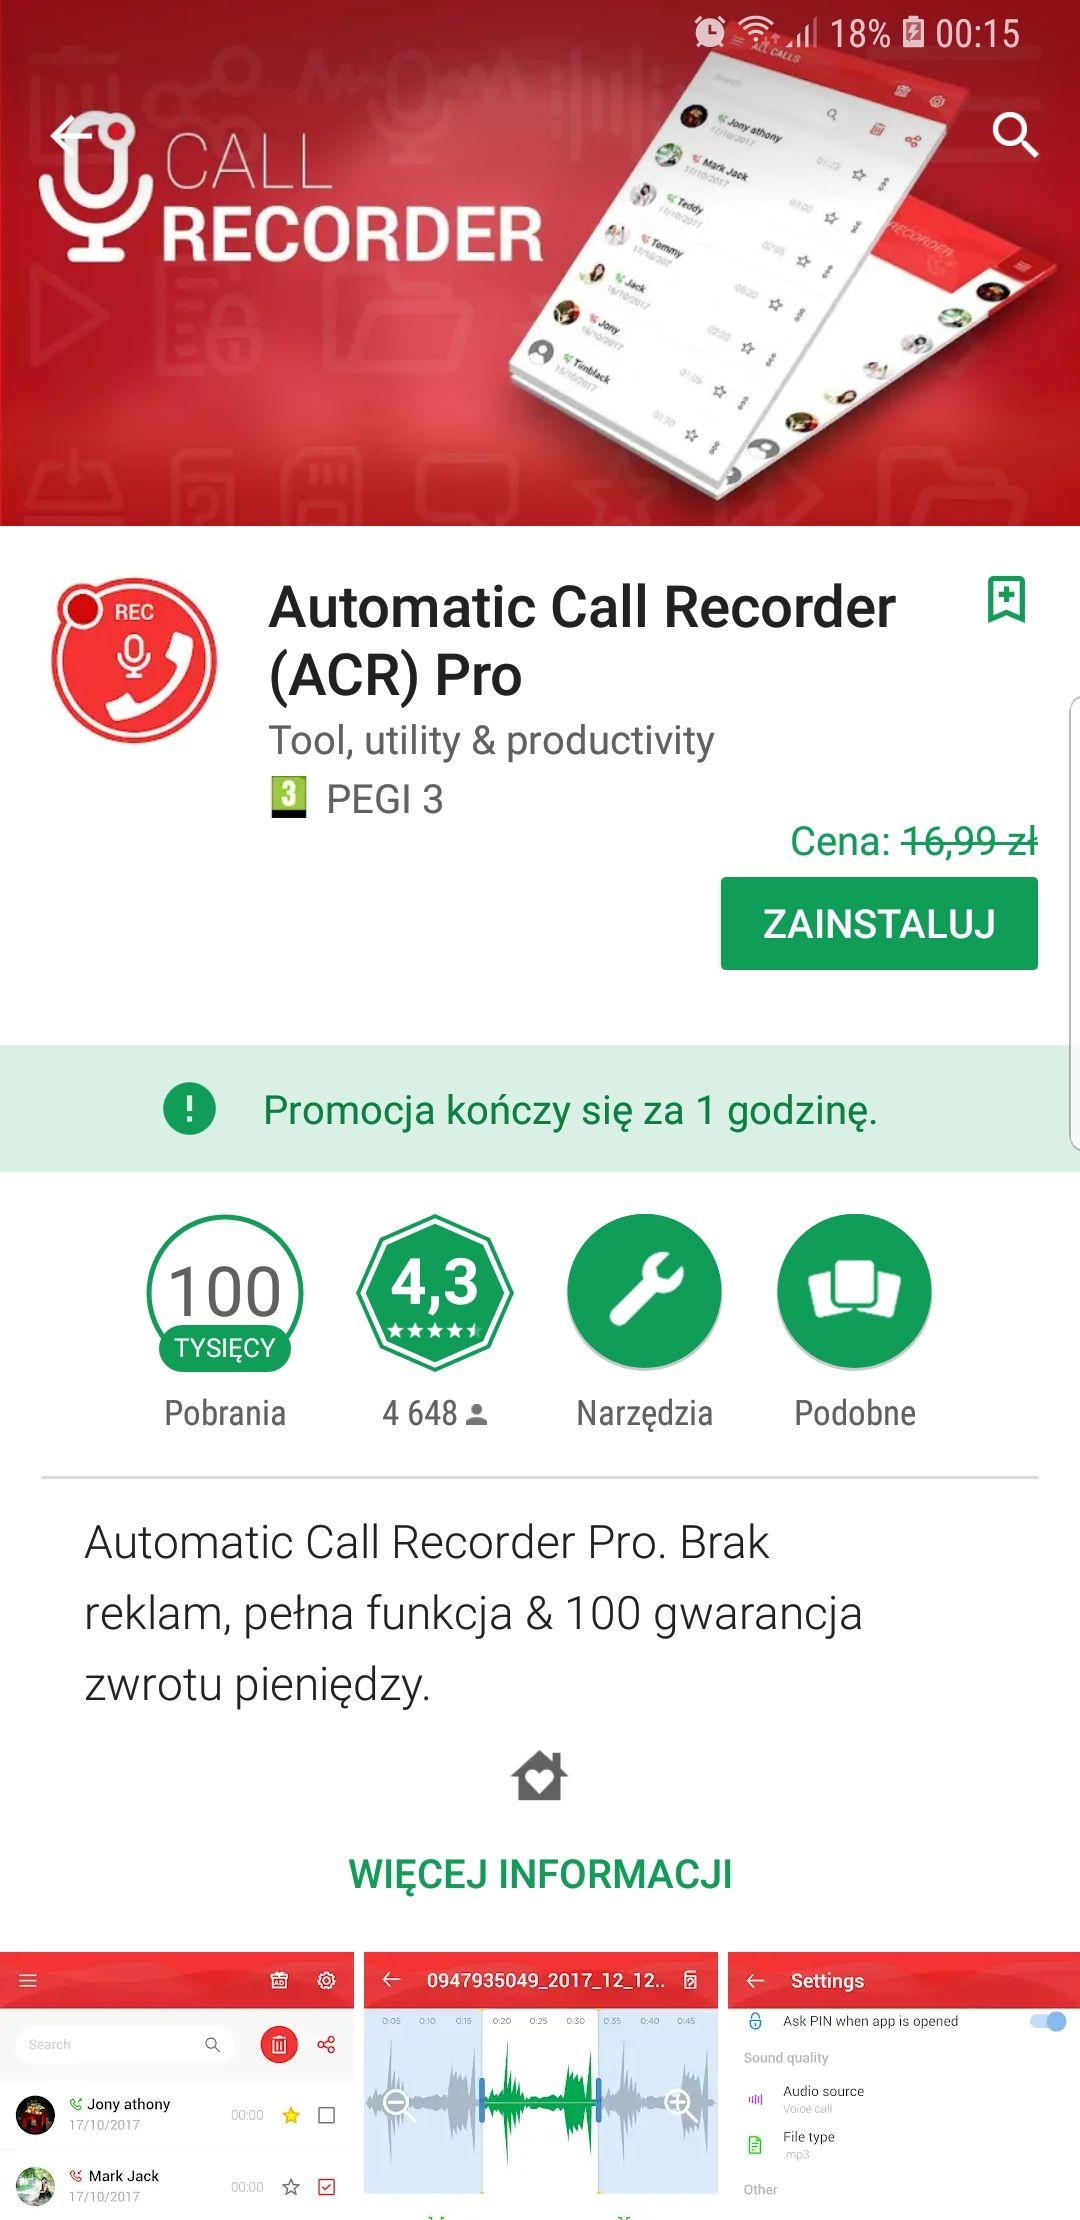 Call Recorder Pro za darmo w Google Play